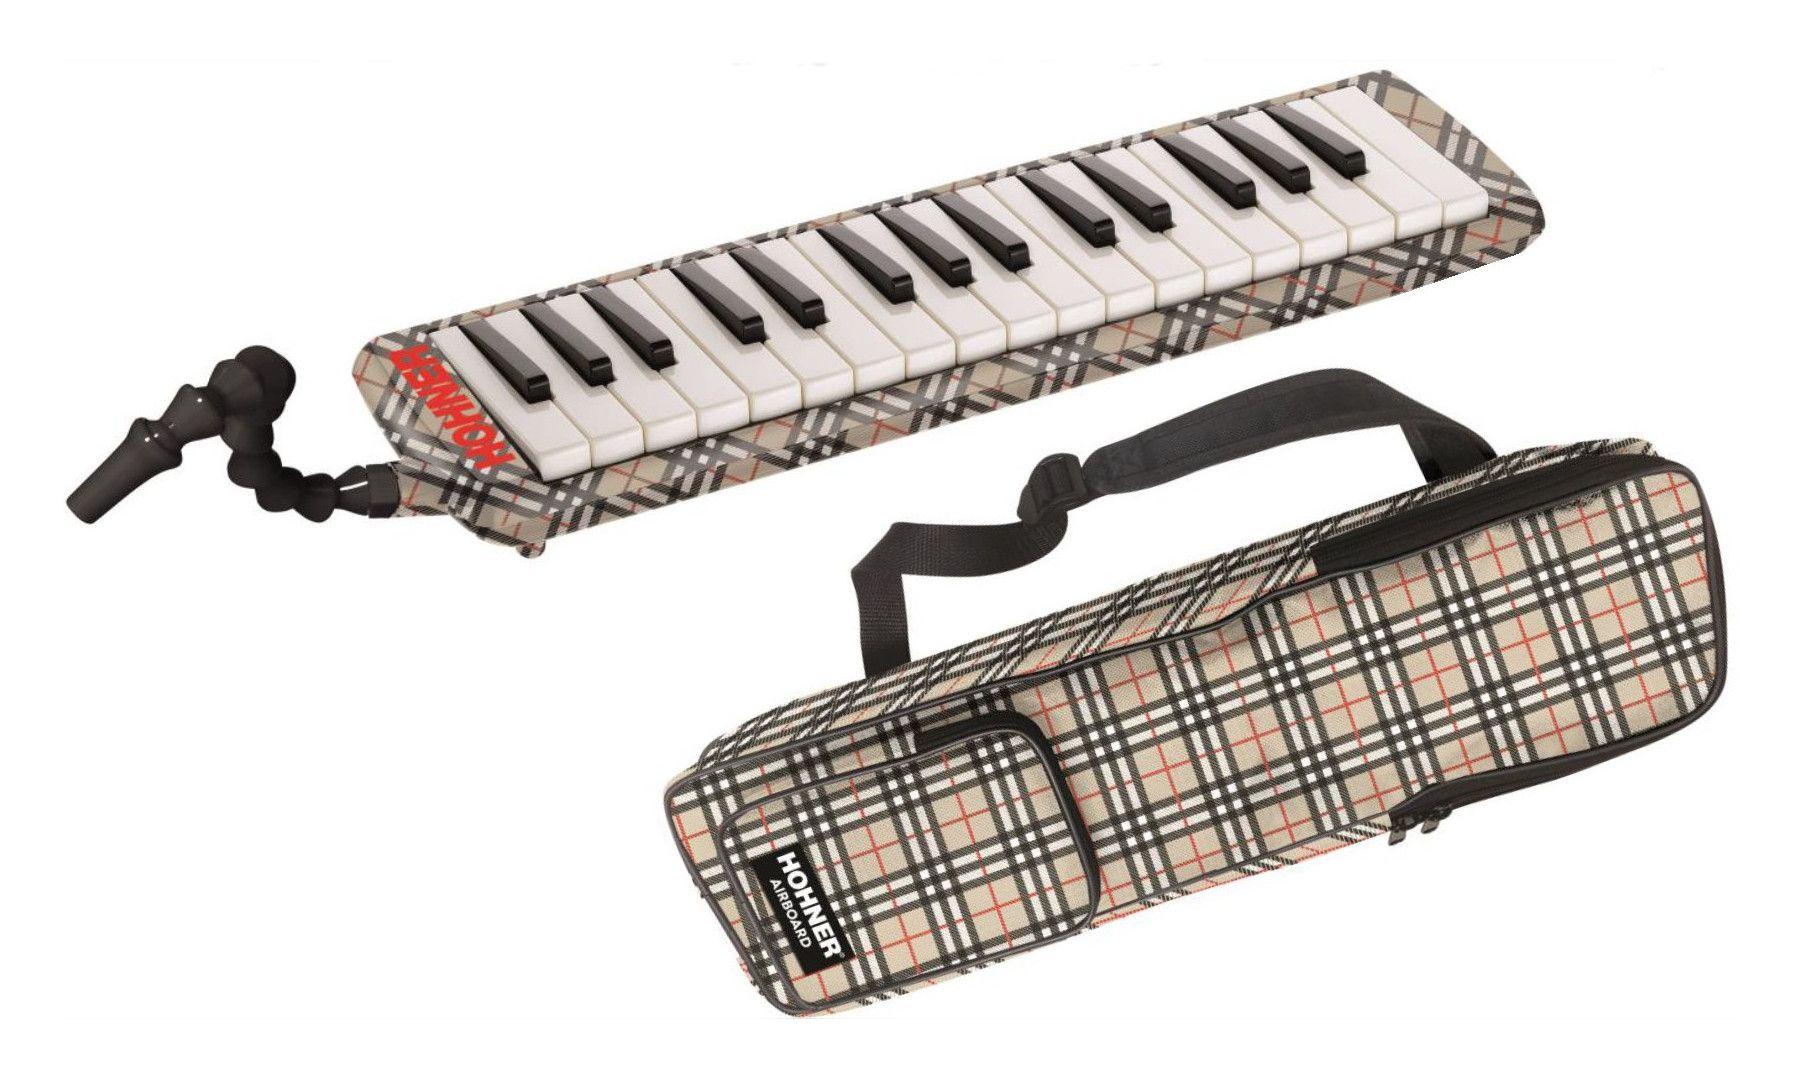 Teclado de sopro, escaleta melódica de 32 teclas | De F3 até C6 | Hohner | Remaster Airboard 32